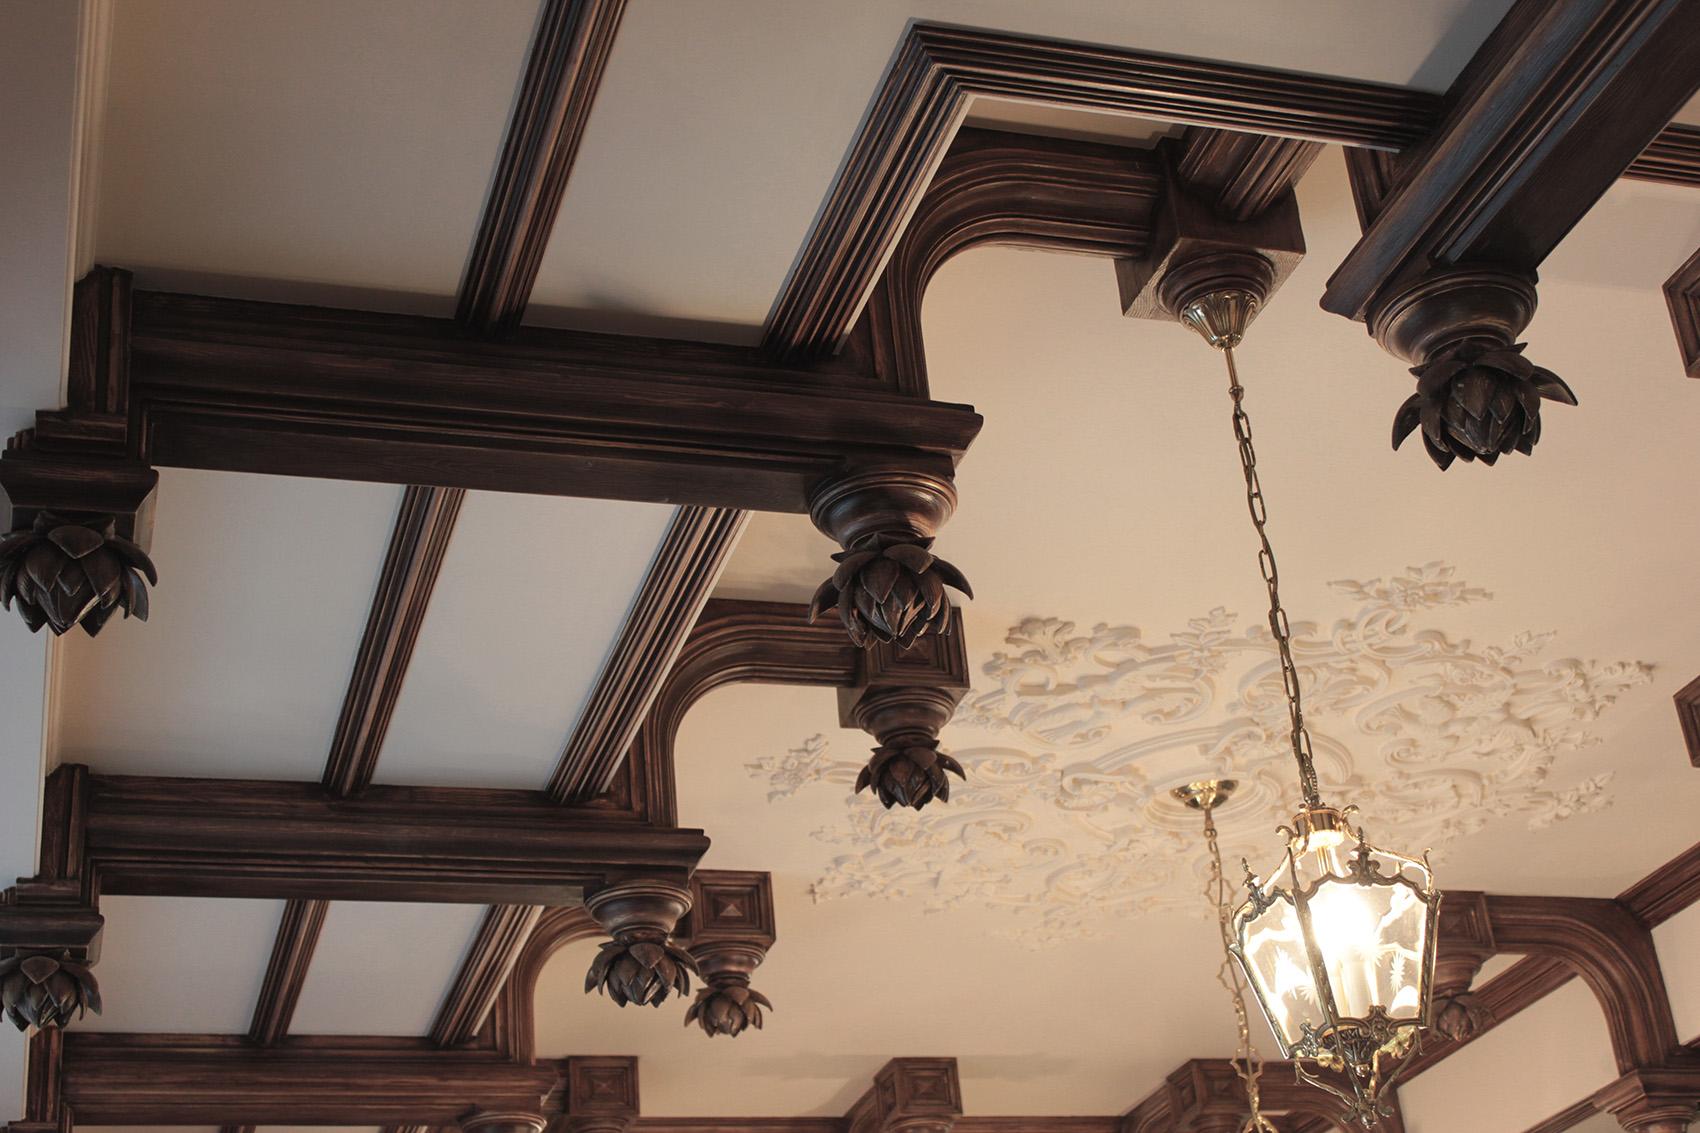 Гипсовые Балки кессонированного потолка имитация дерево. Потолочная розетка. Материал - гипс. Архитектурно-производственная мастерская Елены Афти.